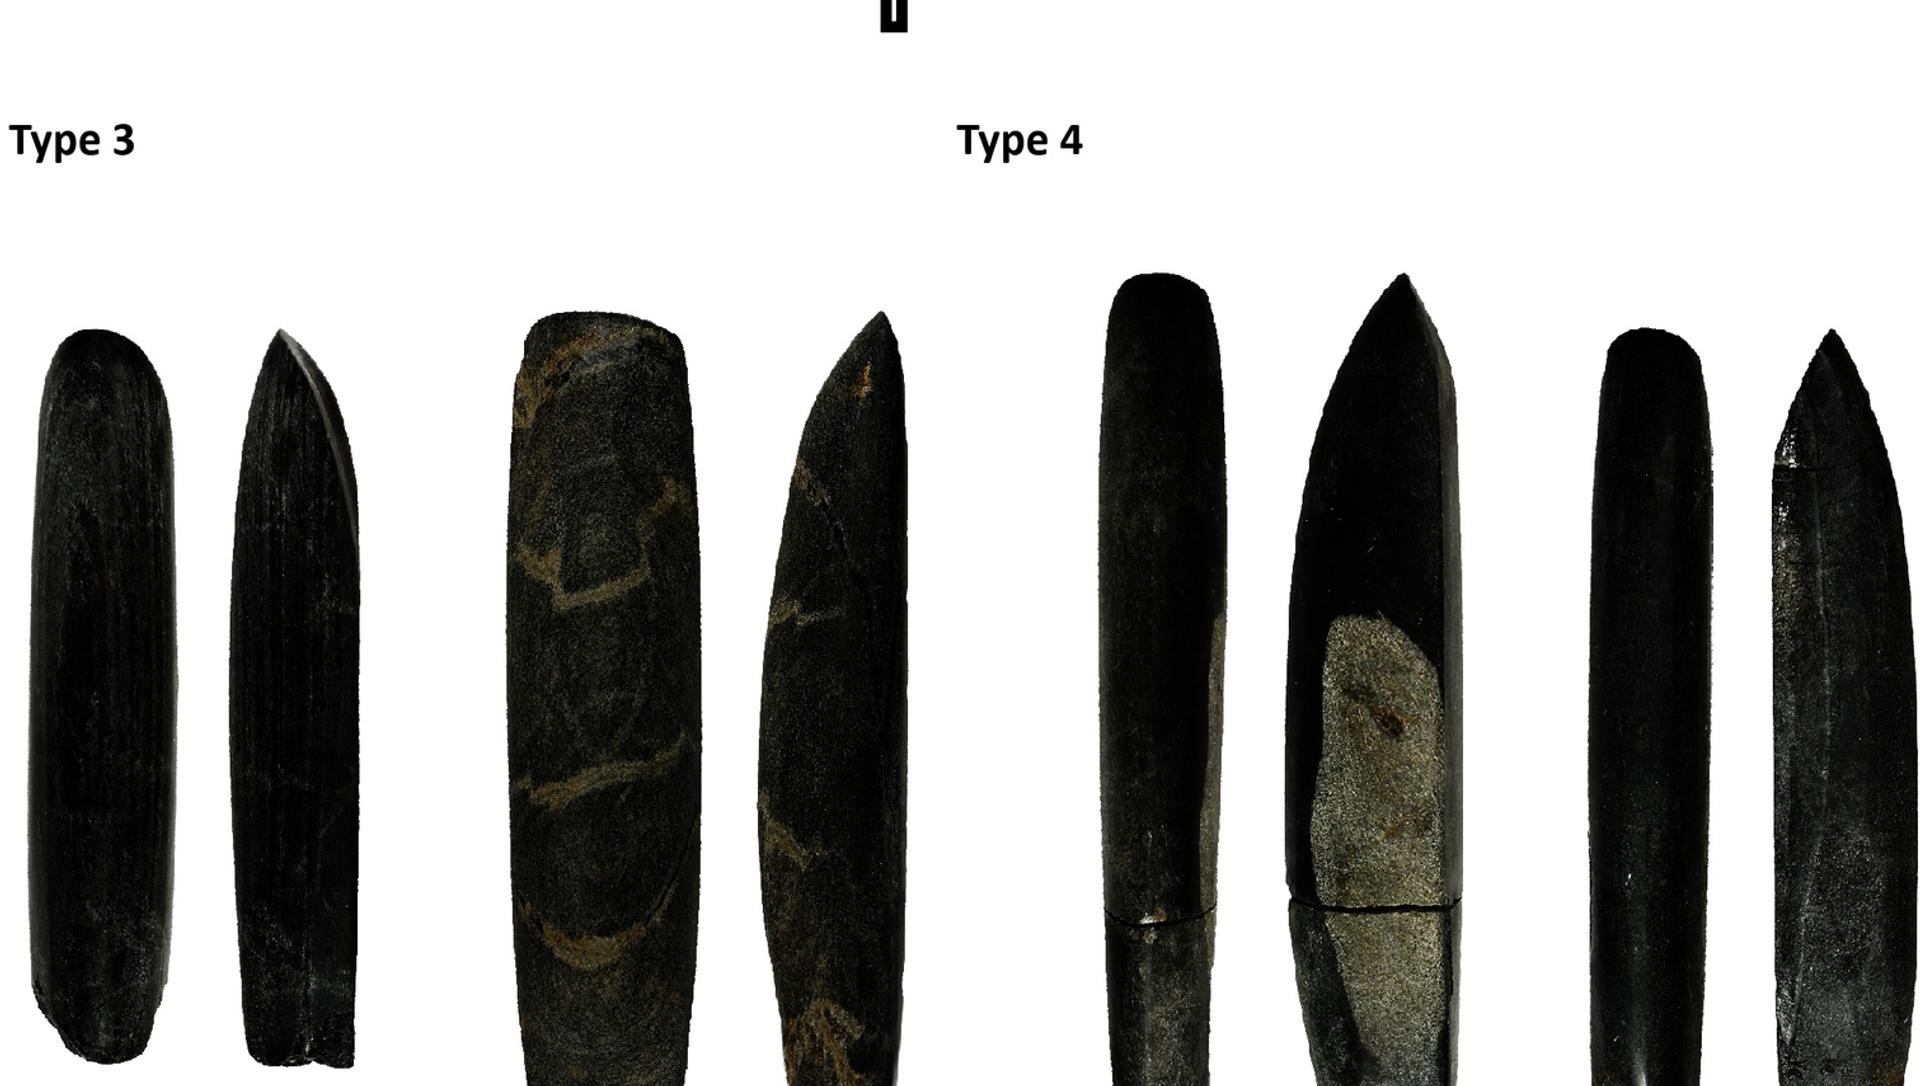 Chiarita dagli archeologi la divisione del lavoro in base al sesso nell'antichità - Sputnik Italia, 1920, 15.04.2021